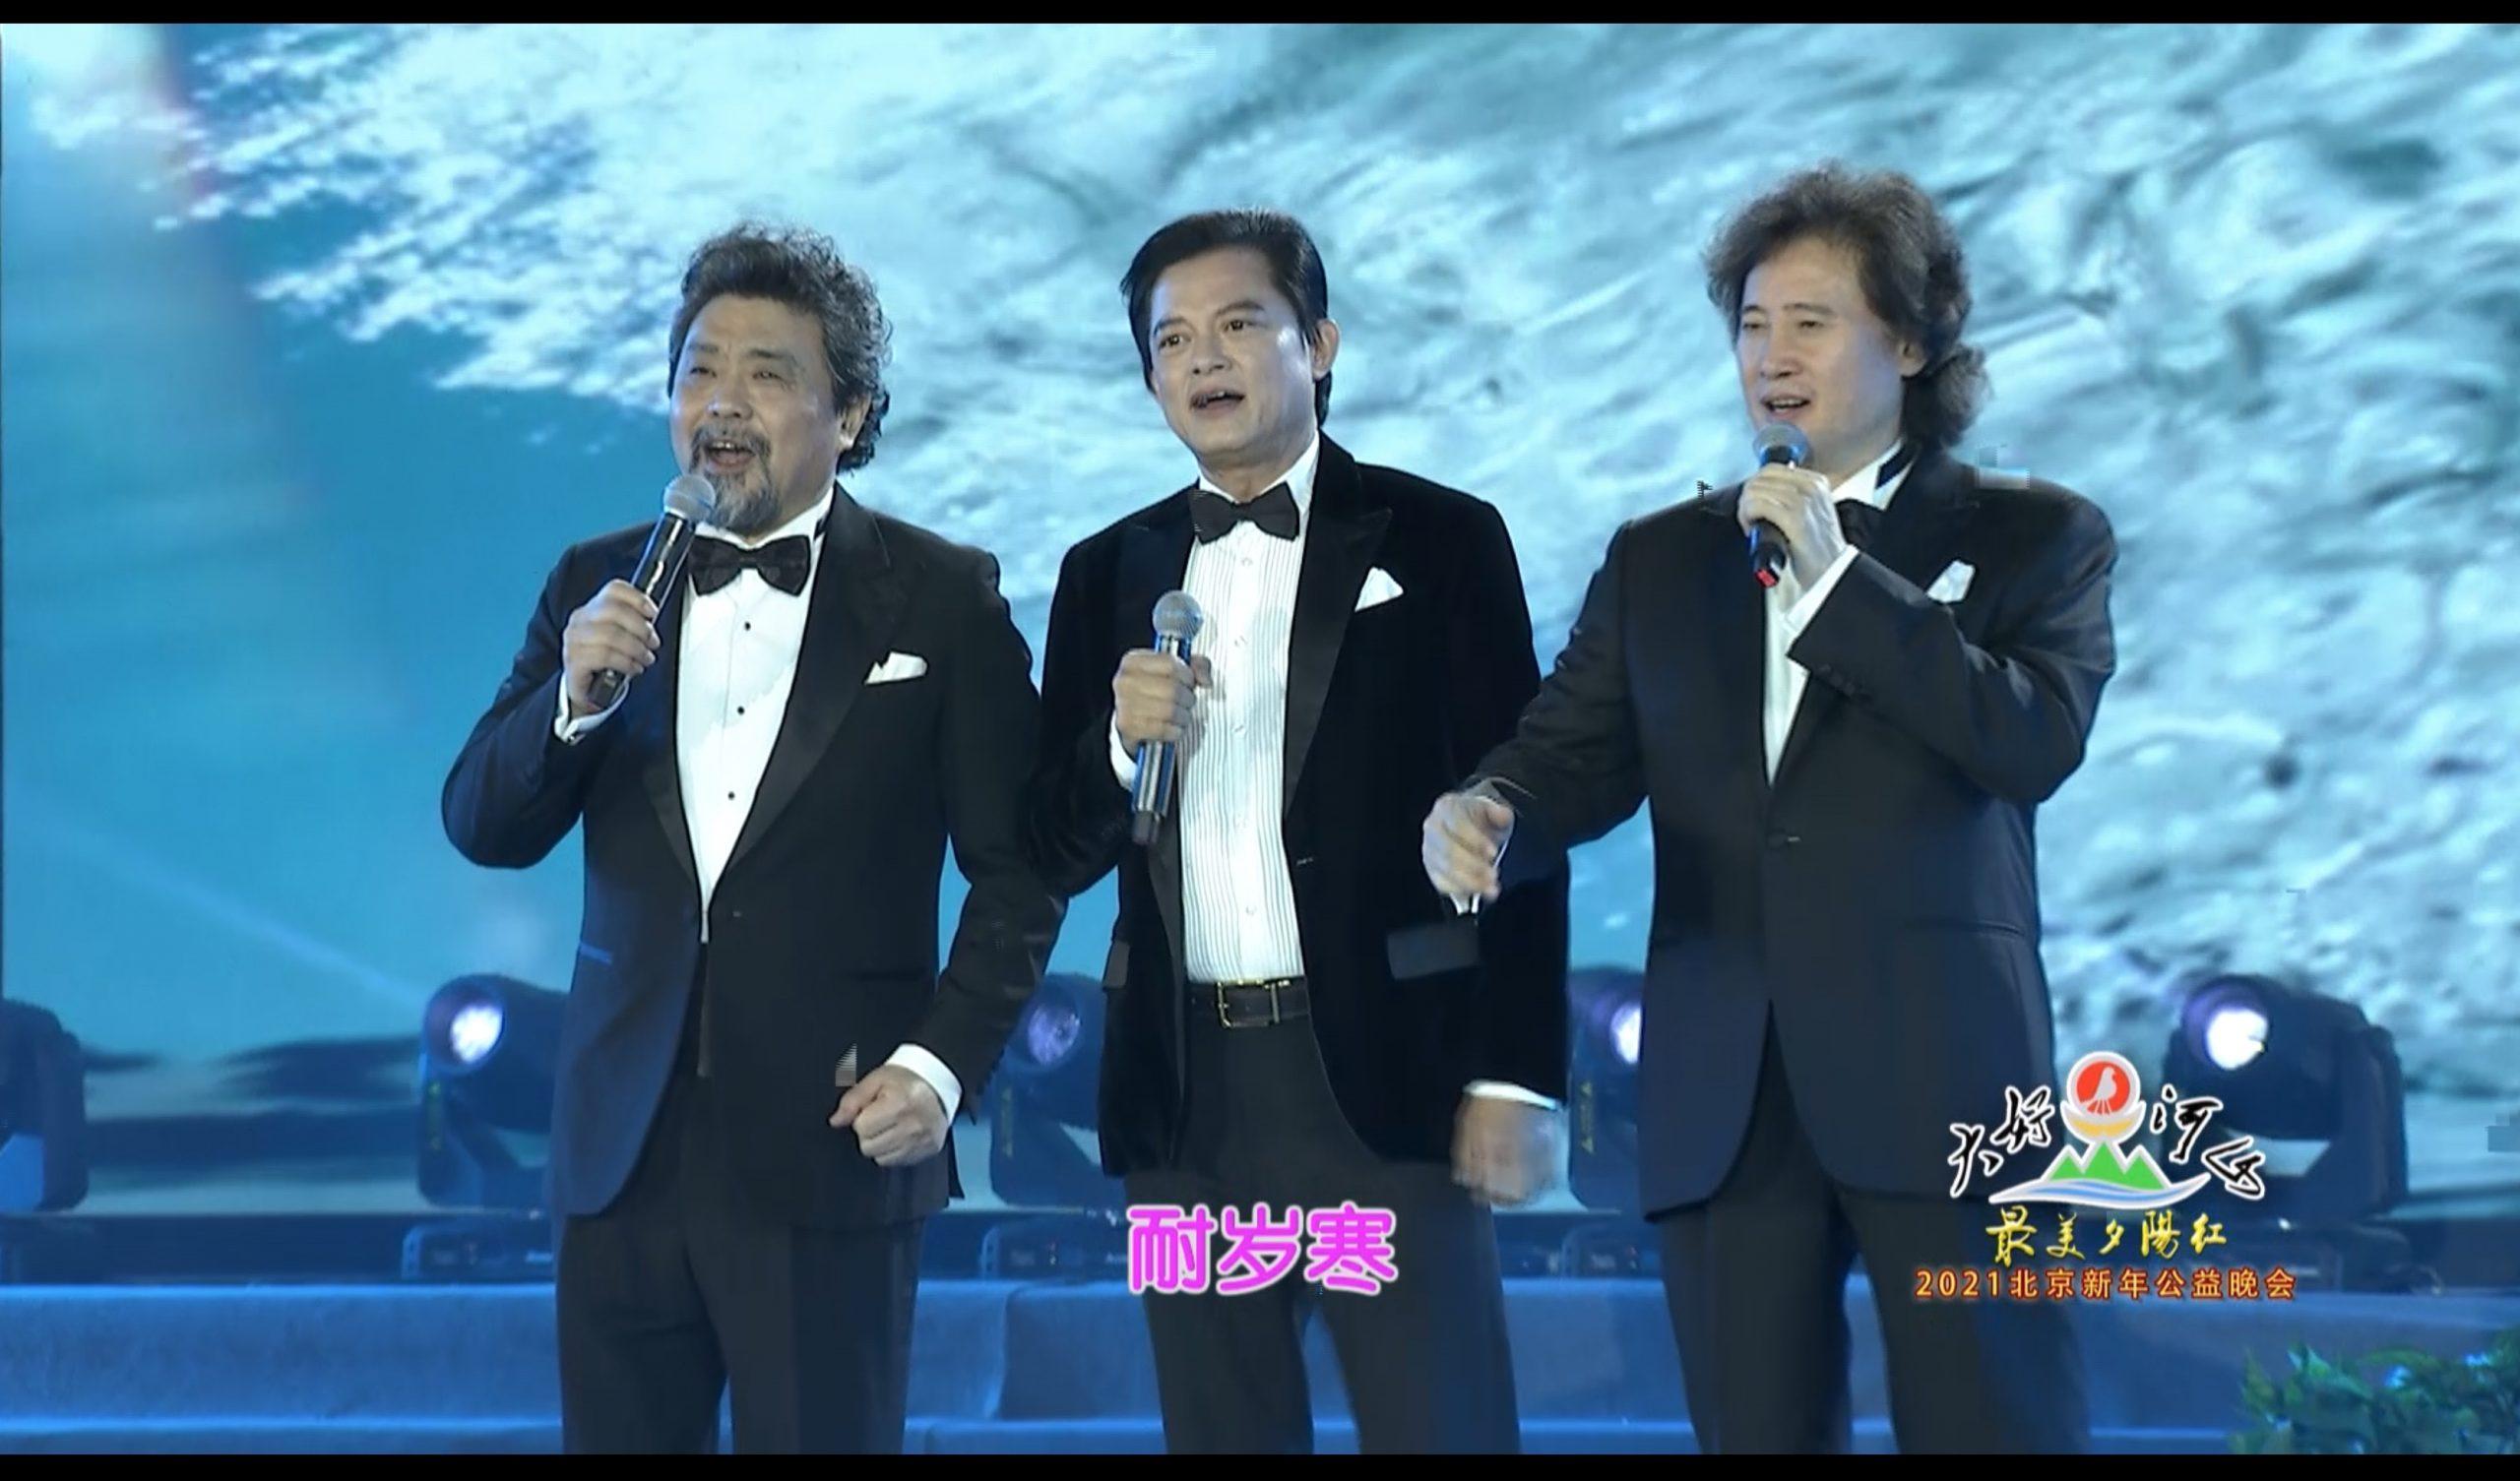 2021北京新年公益晚会 歌曲《众人划桨开大船》魏松 莫华伦 戴玉强